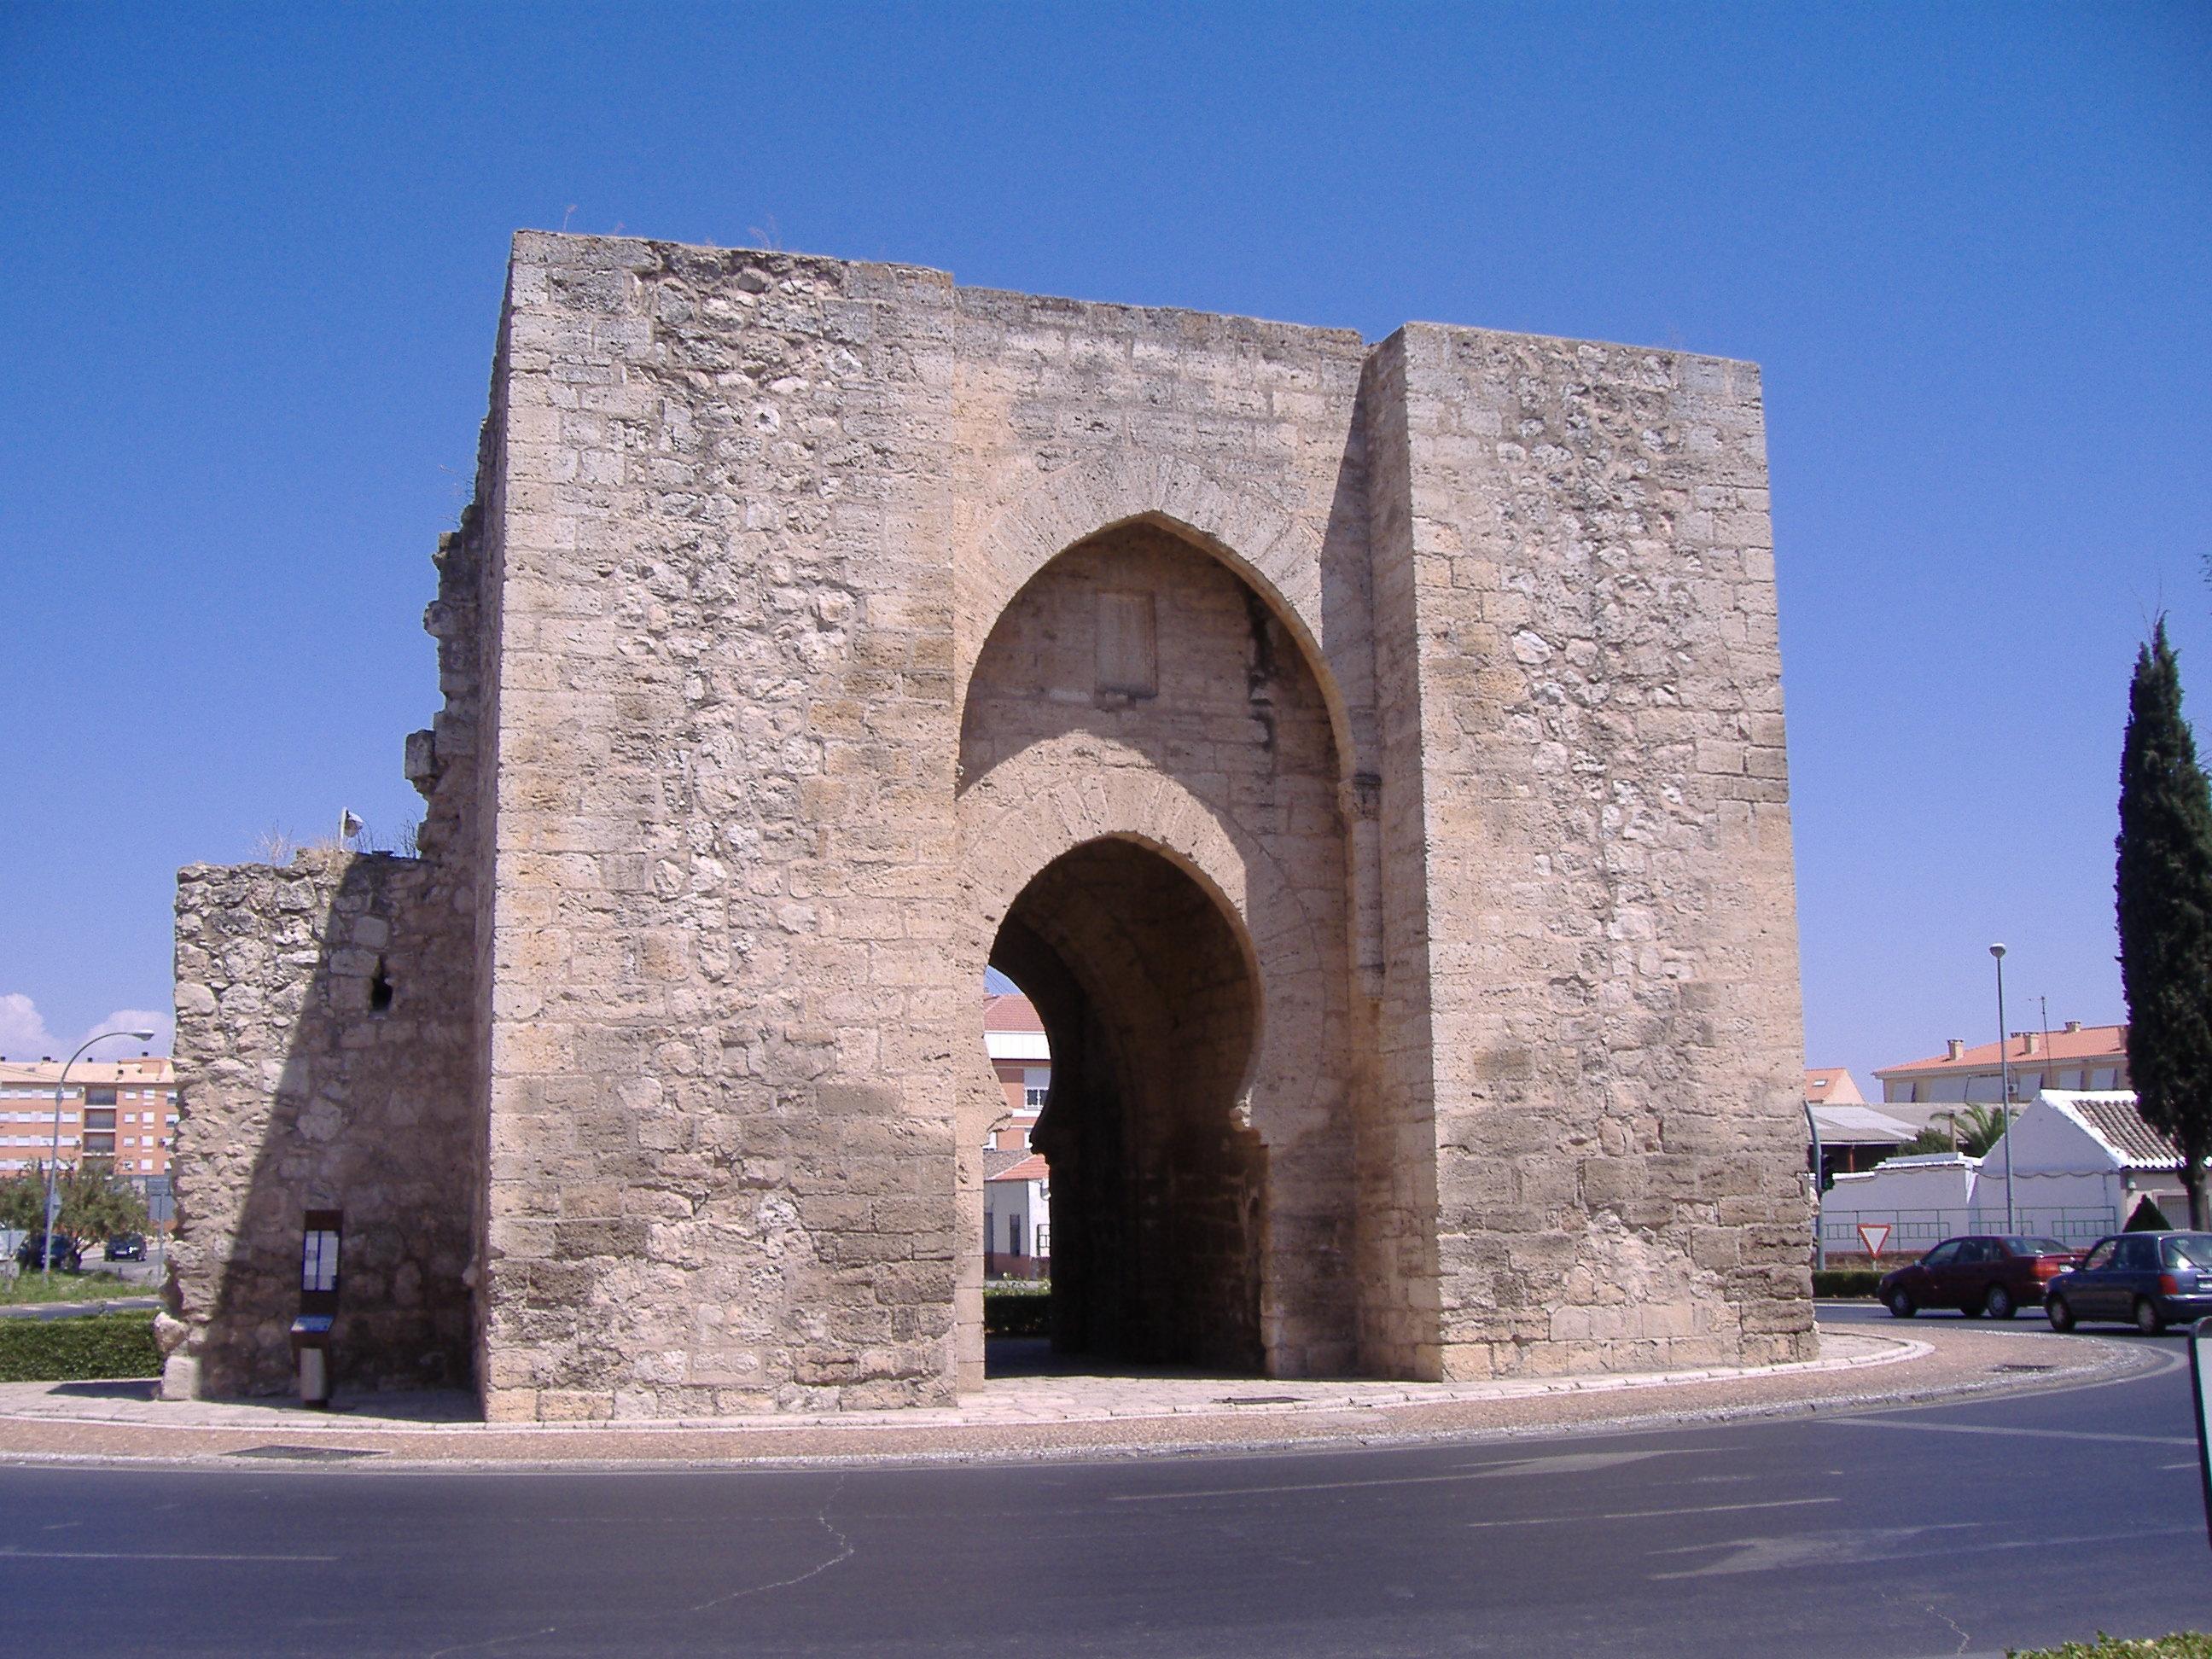 Monumentos singulares de espa a monumentos singulares de for Shoko puerta de toledo